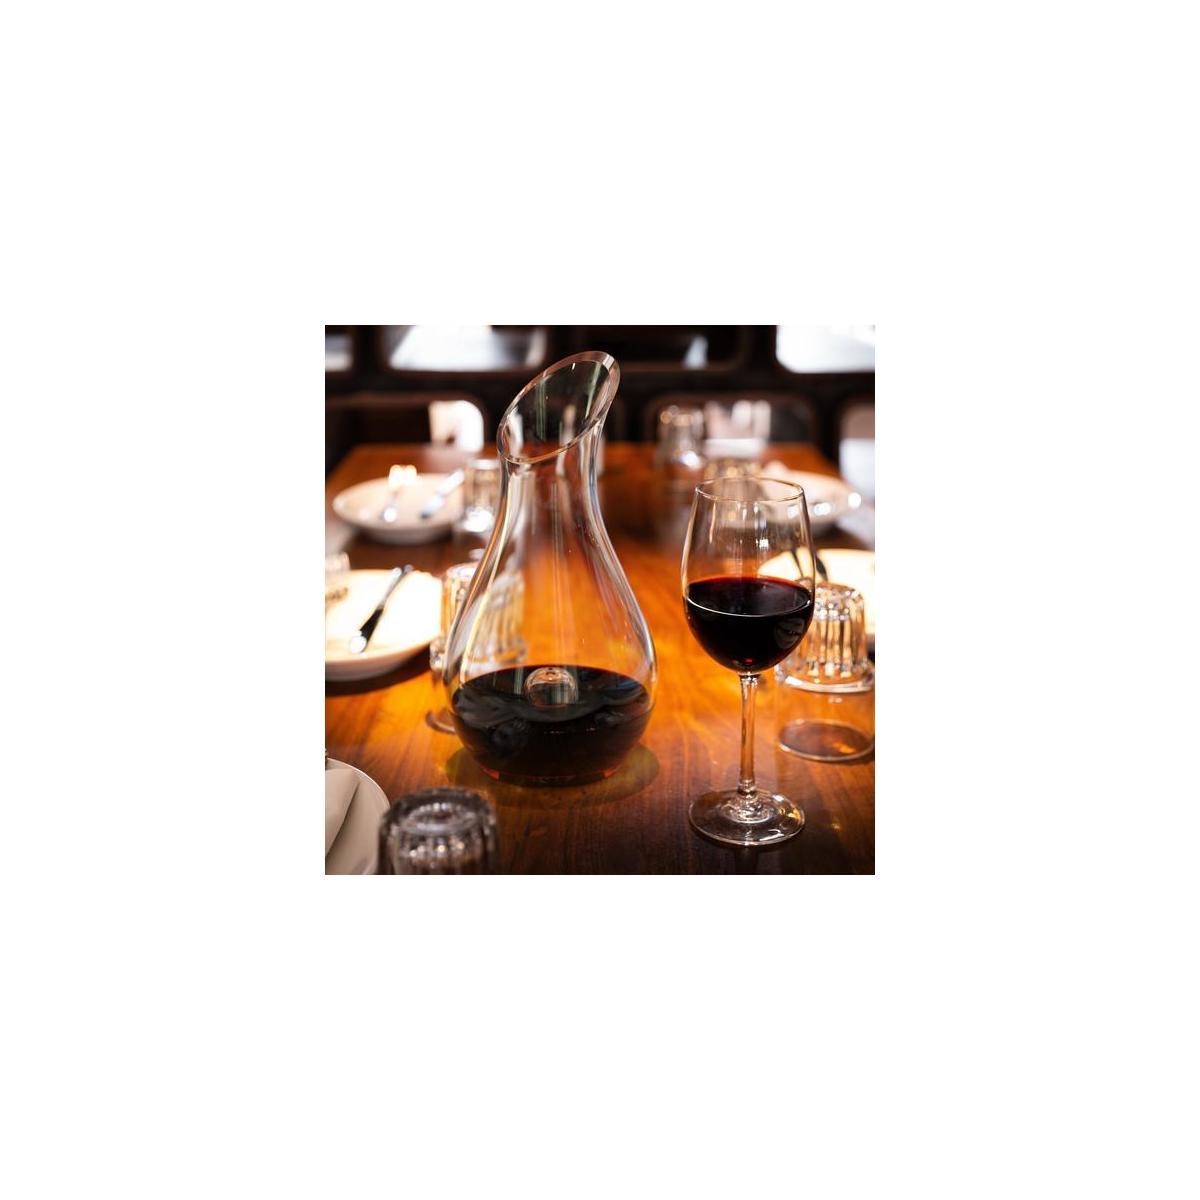 Premium wine decanter